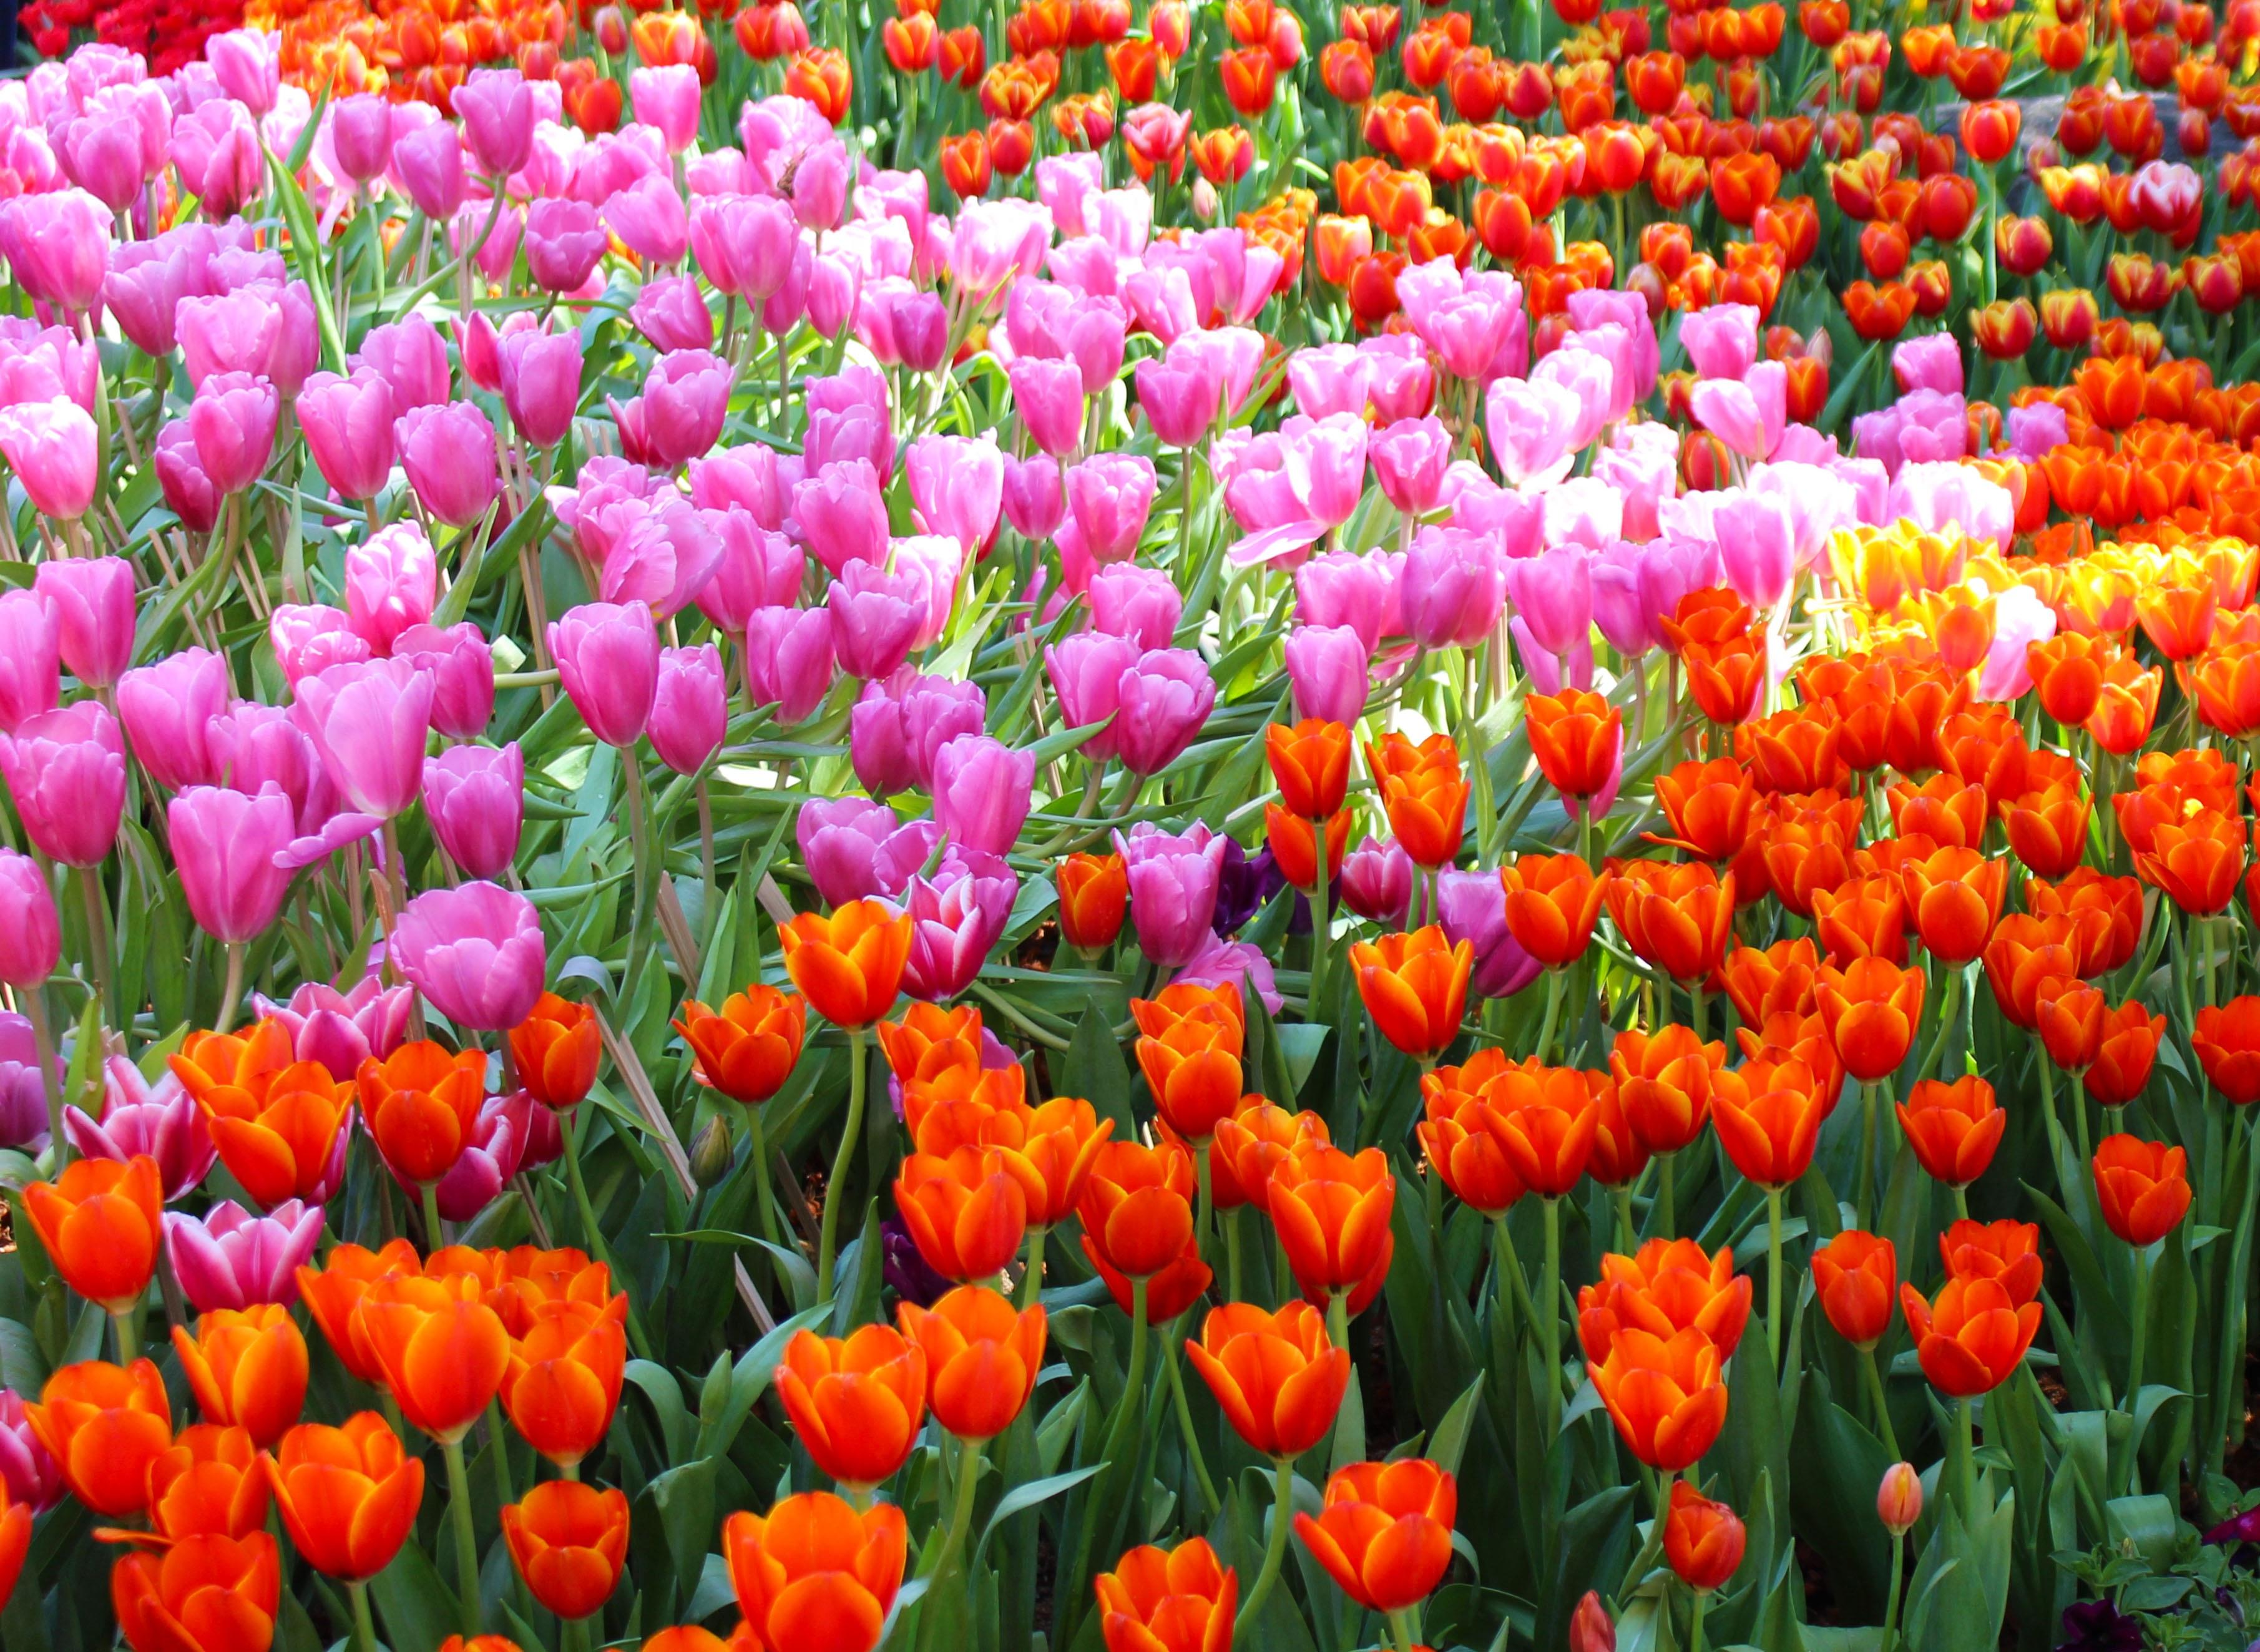 фото с тюльпанами назвать этого необходимо его